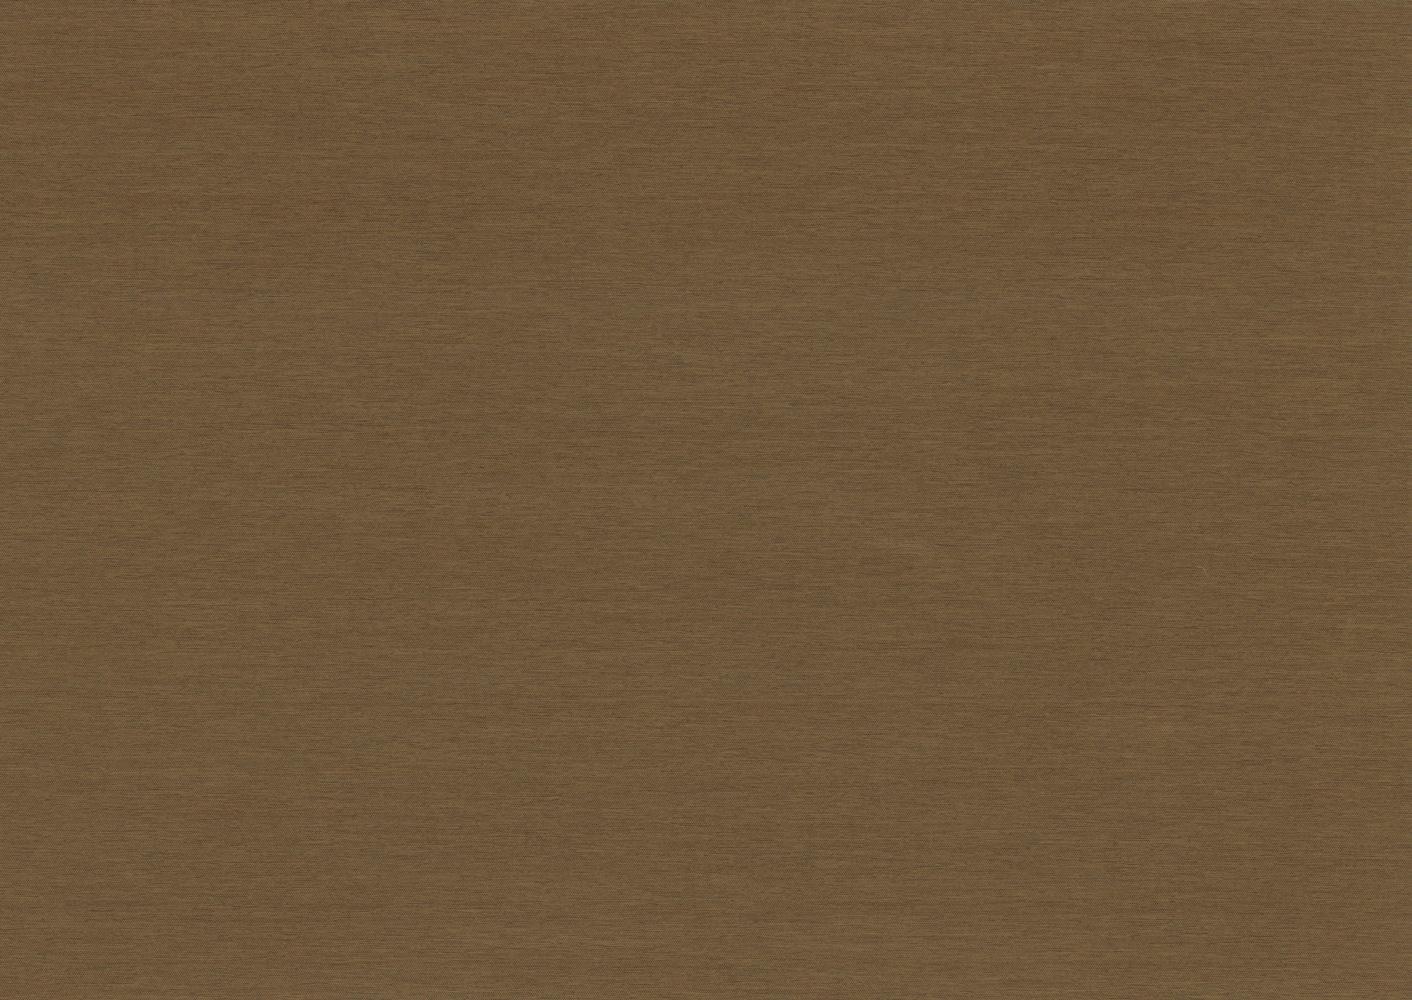 Лусто-коричневый